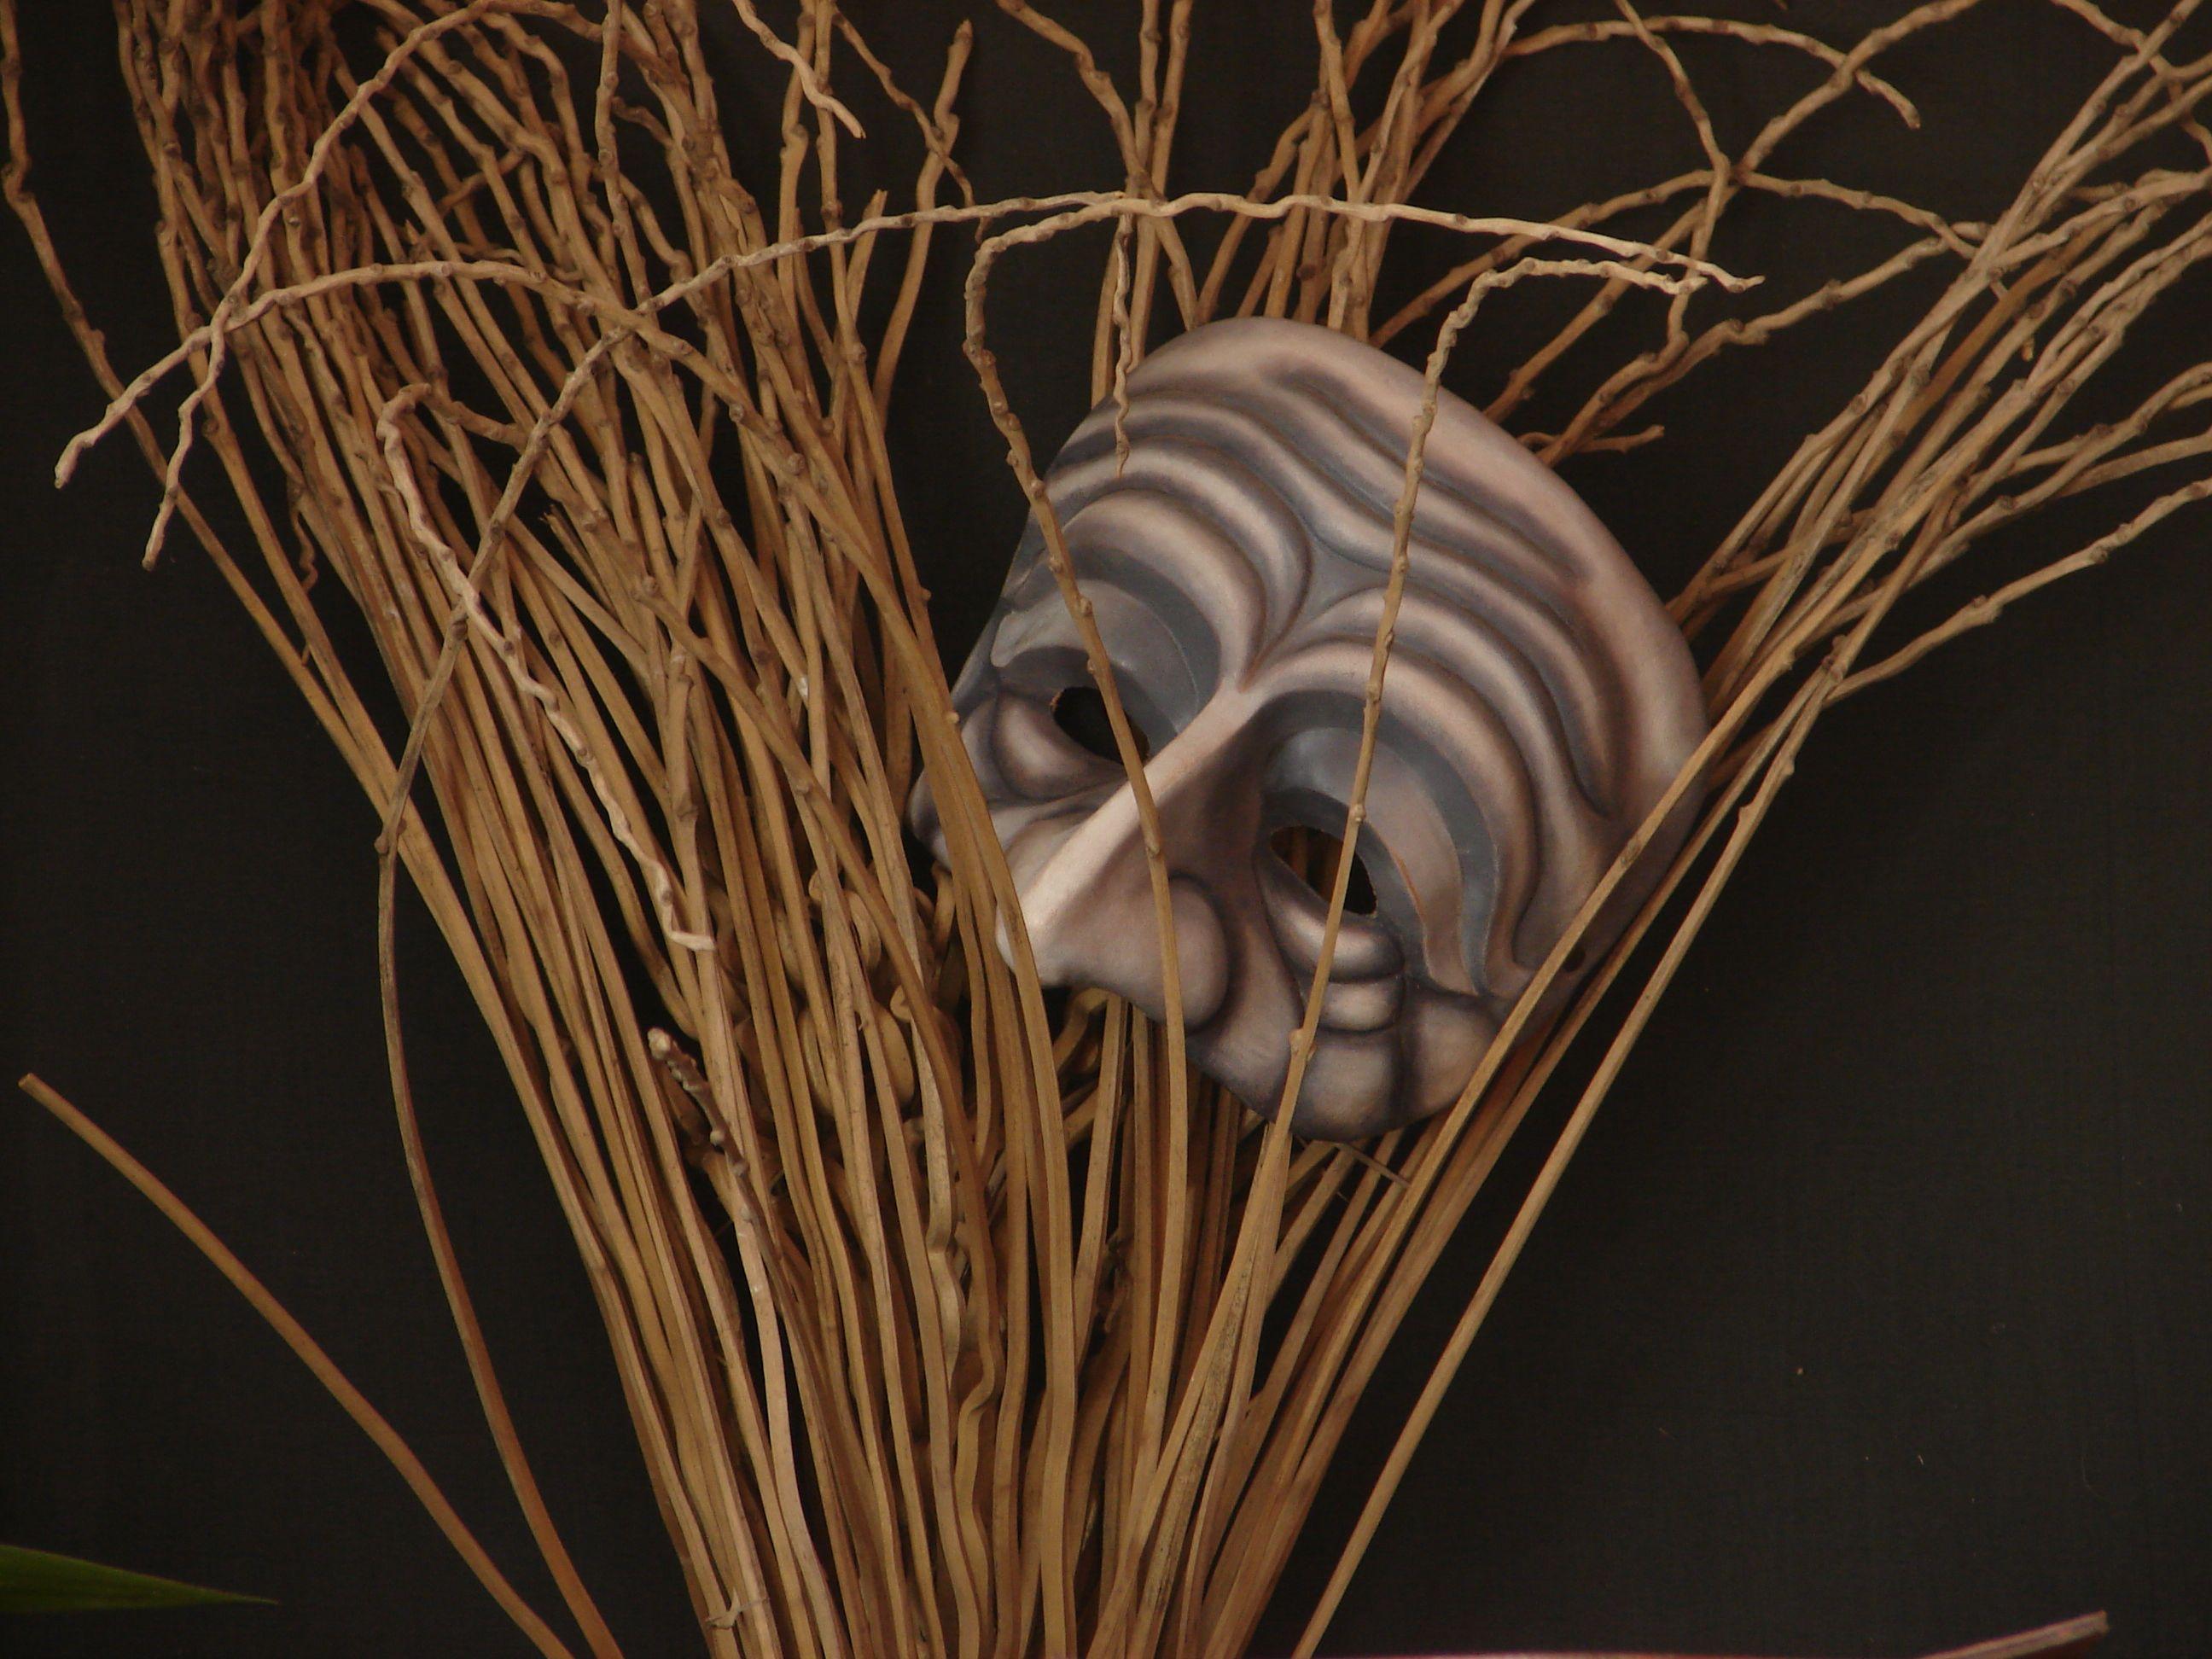 Máscara de cuero para teatro. Artcuero.com